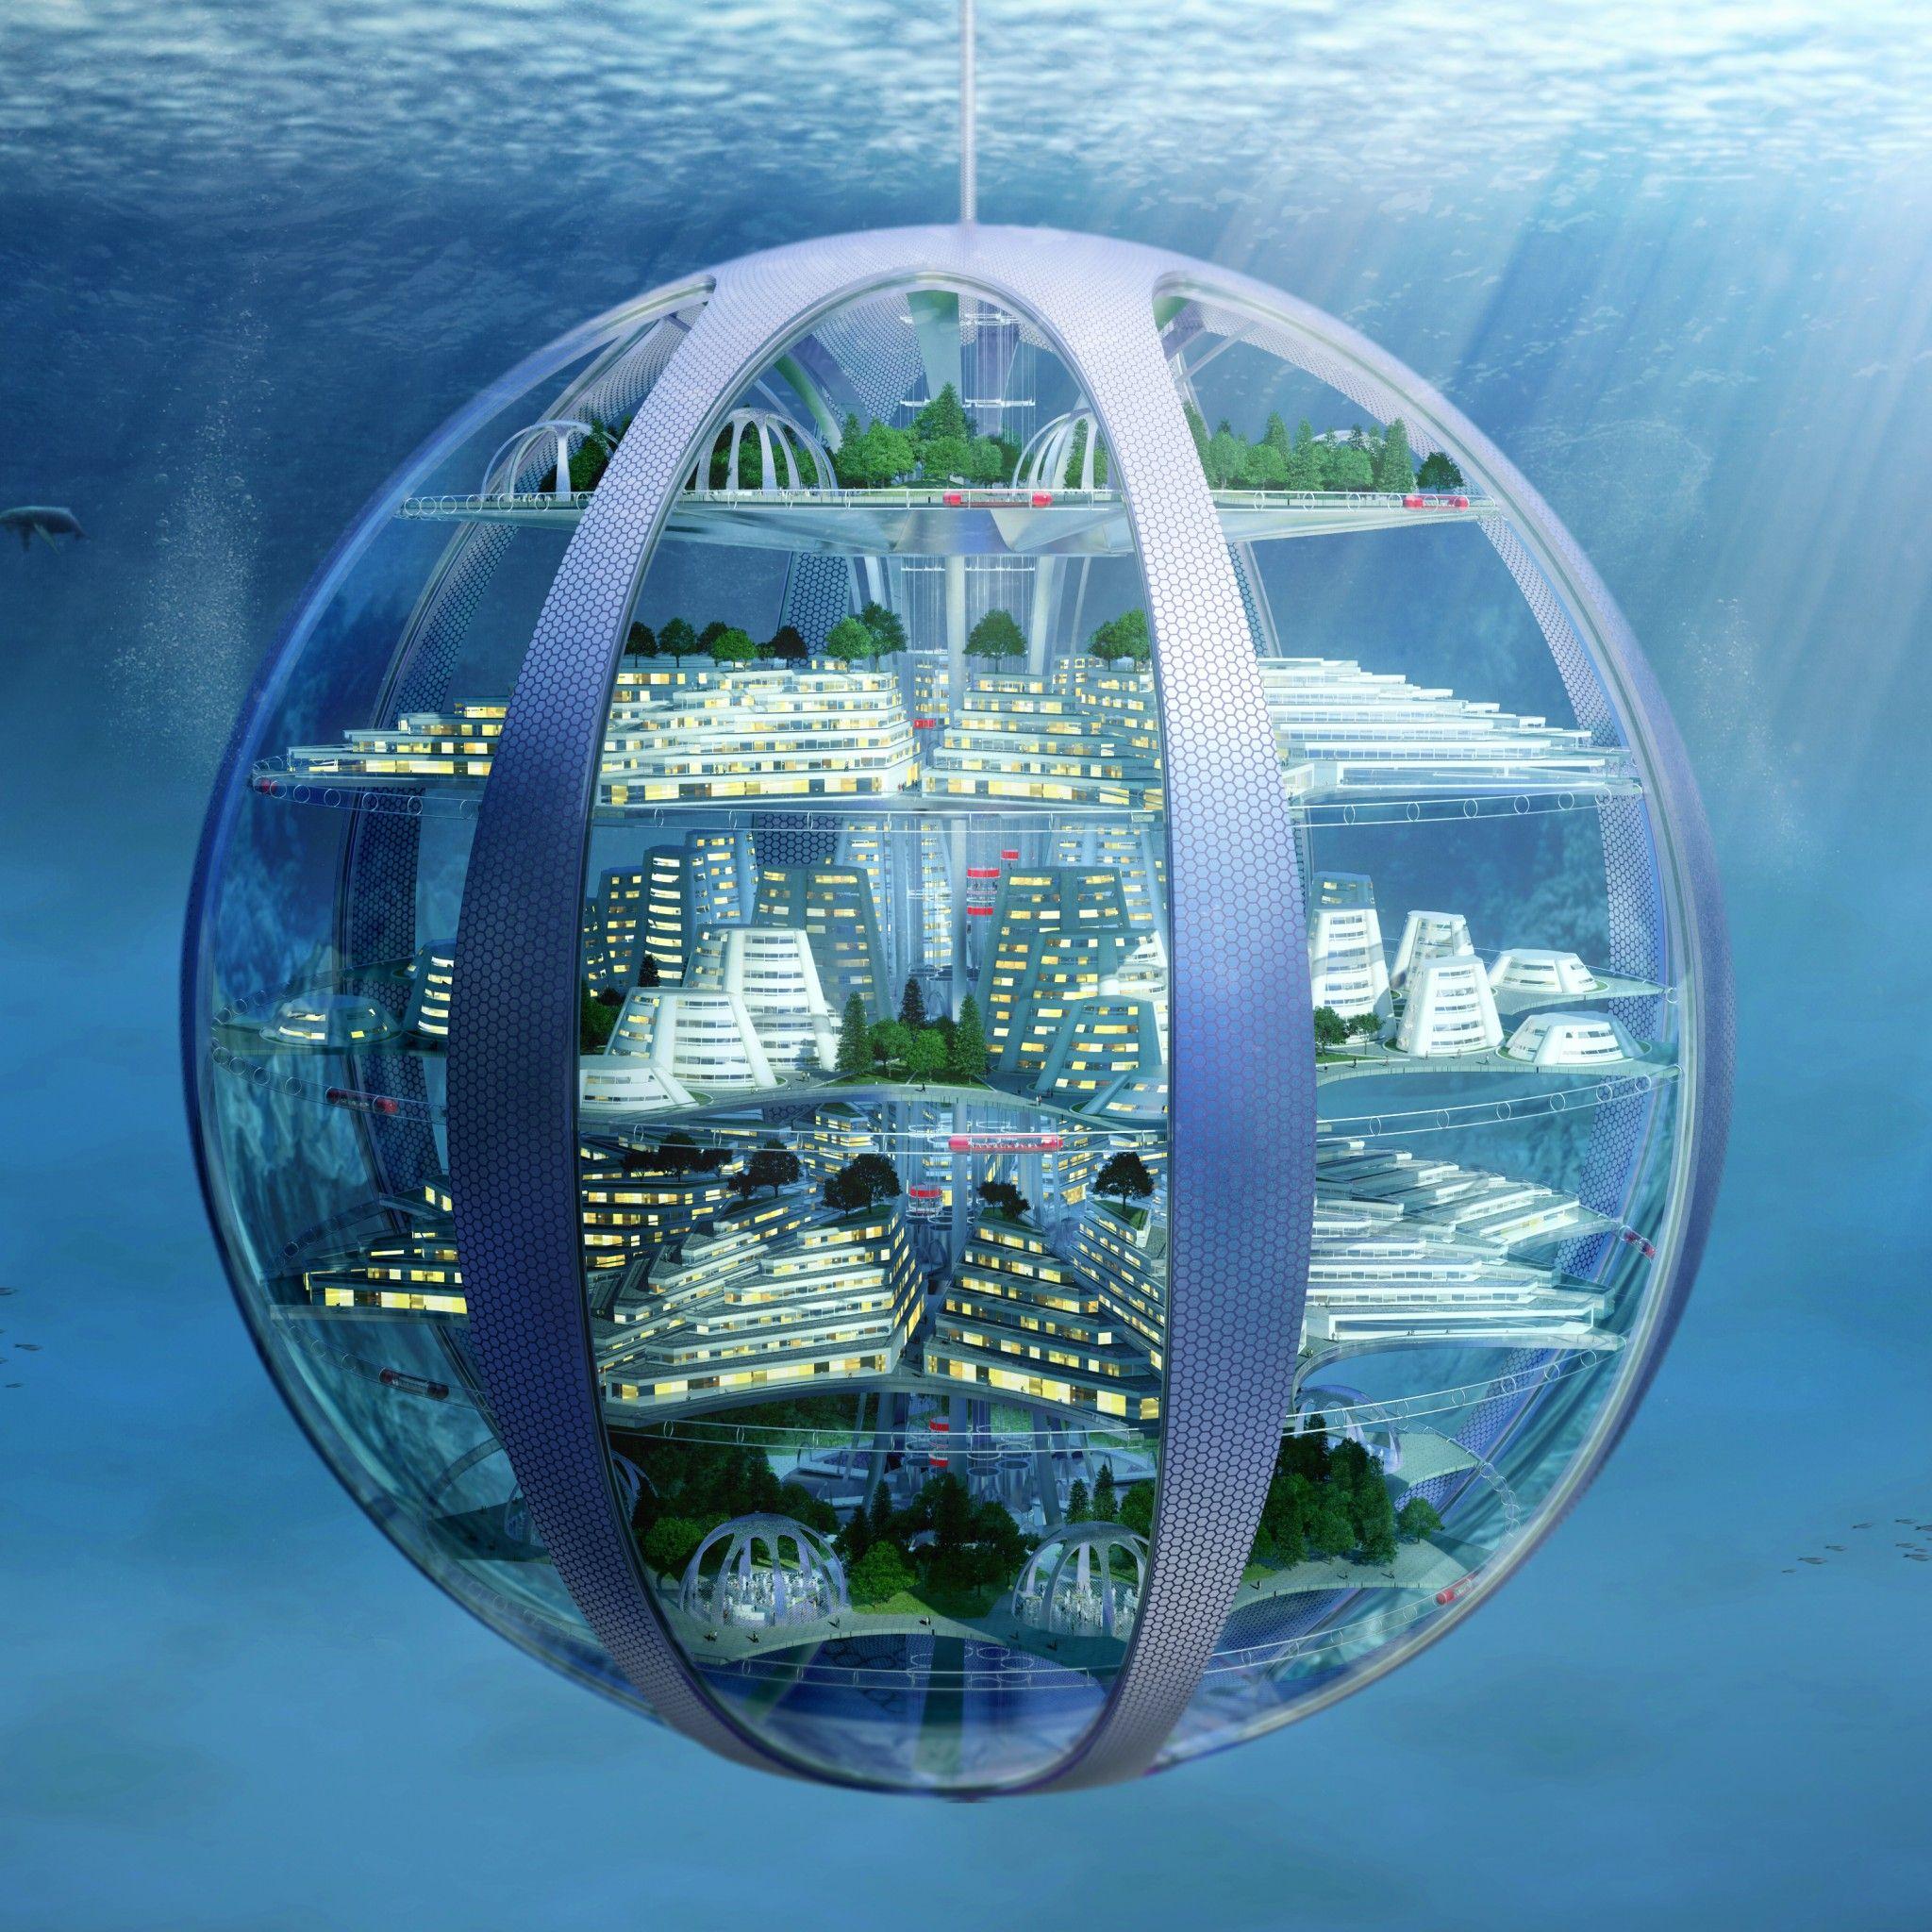 Futuristic Underwater Cities